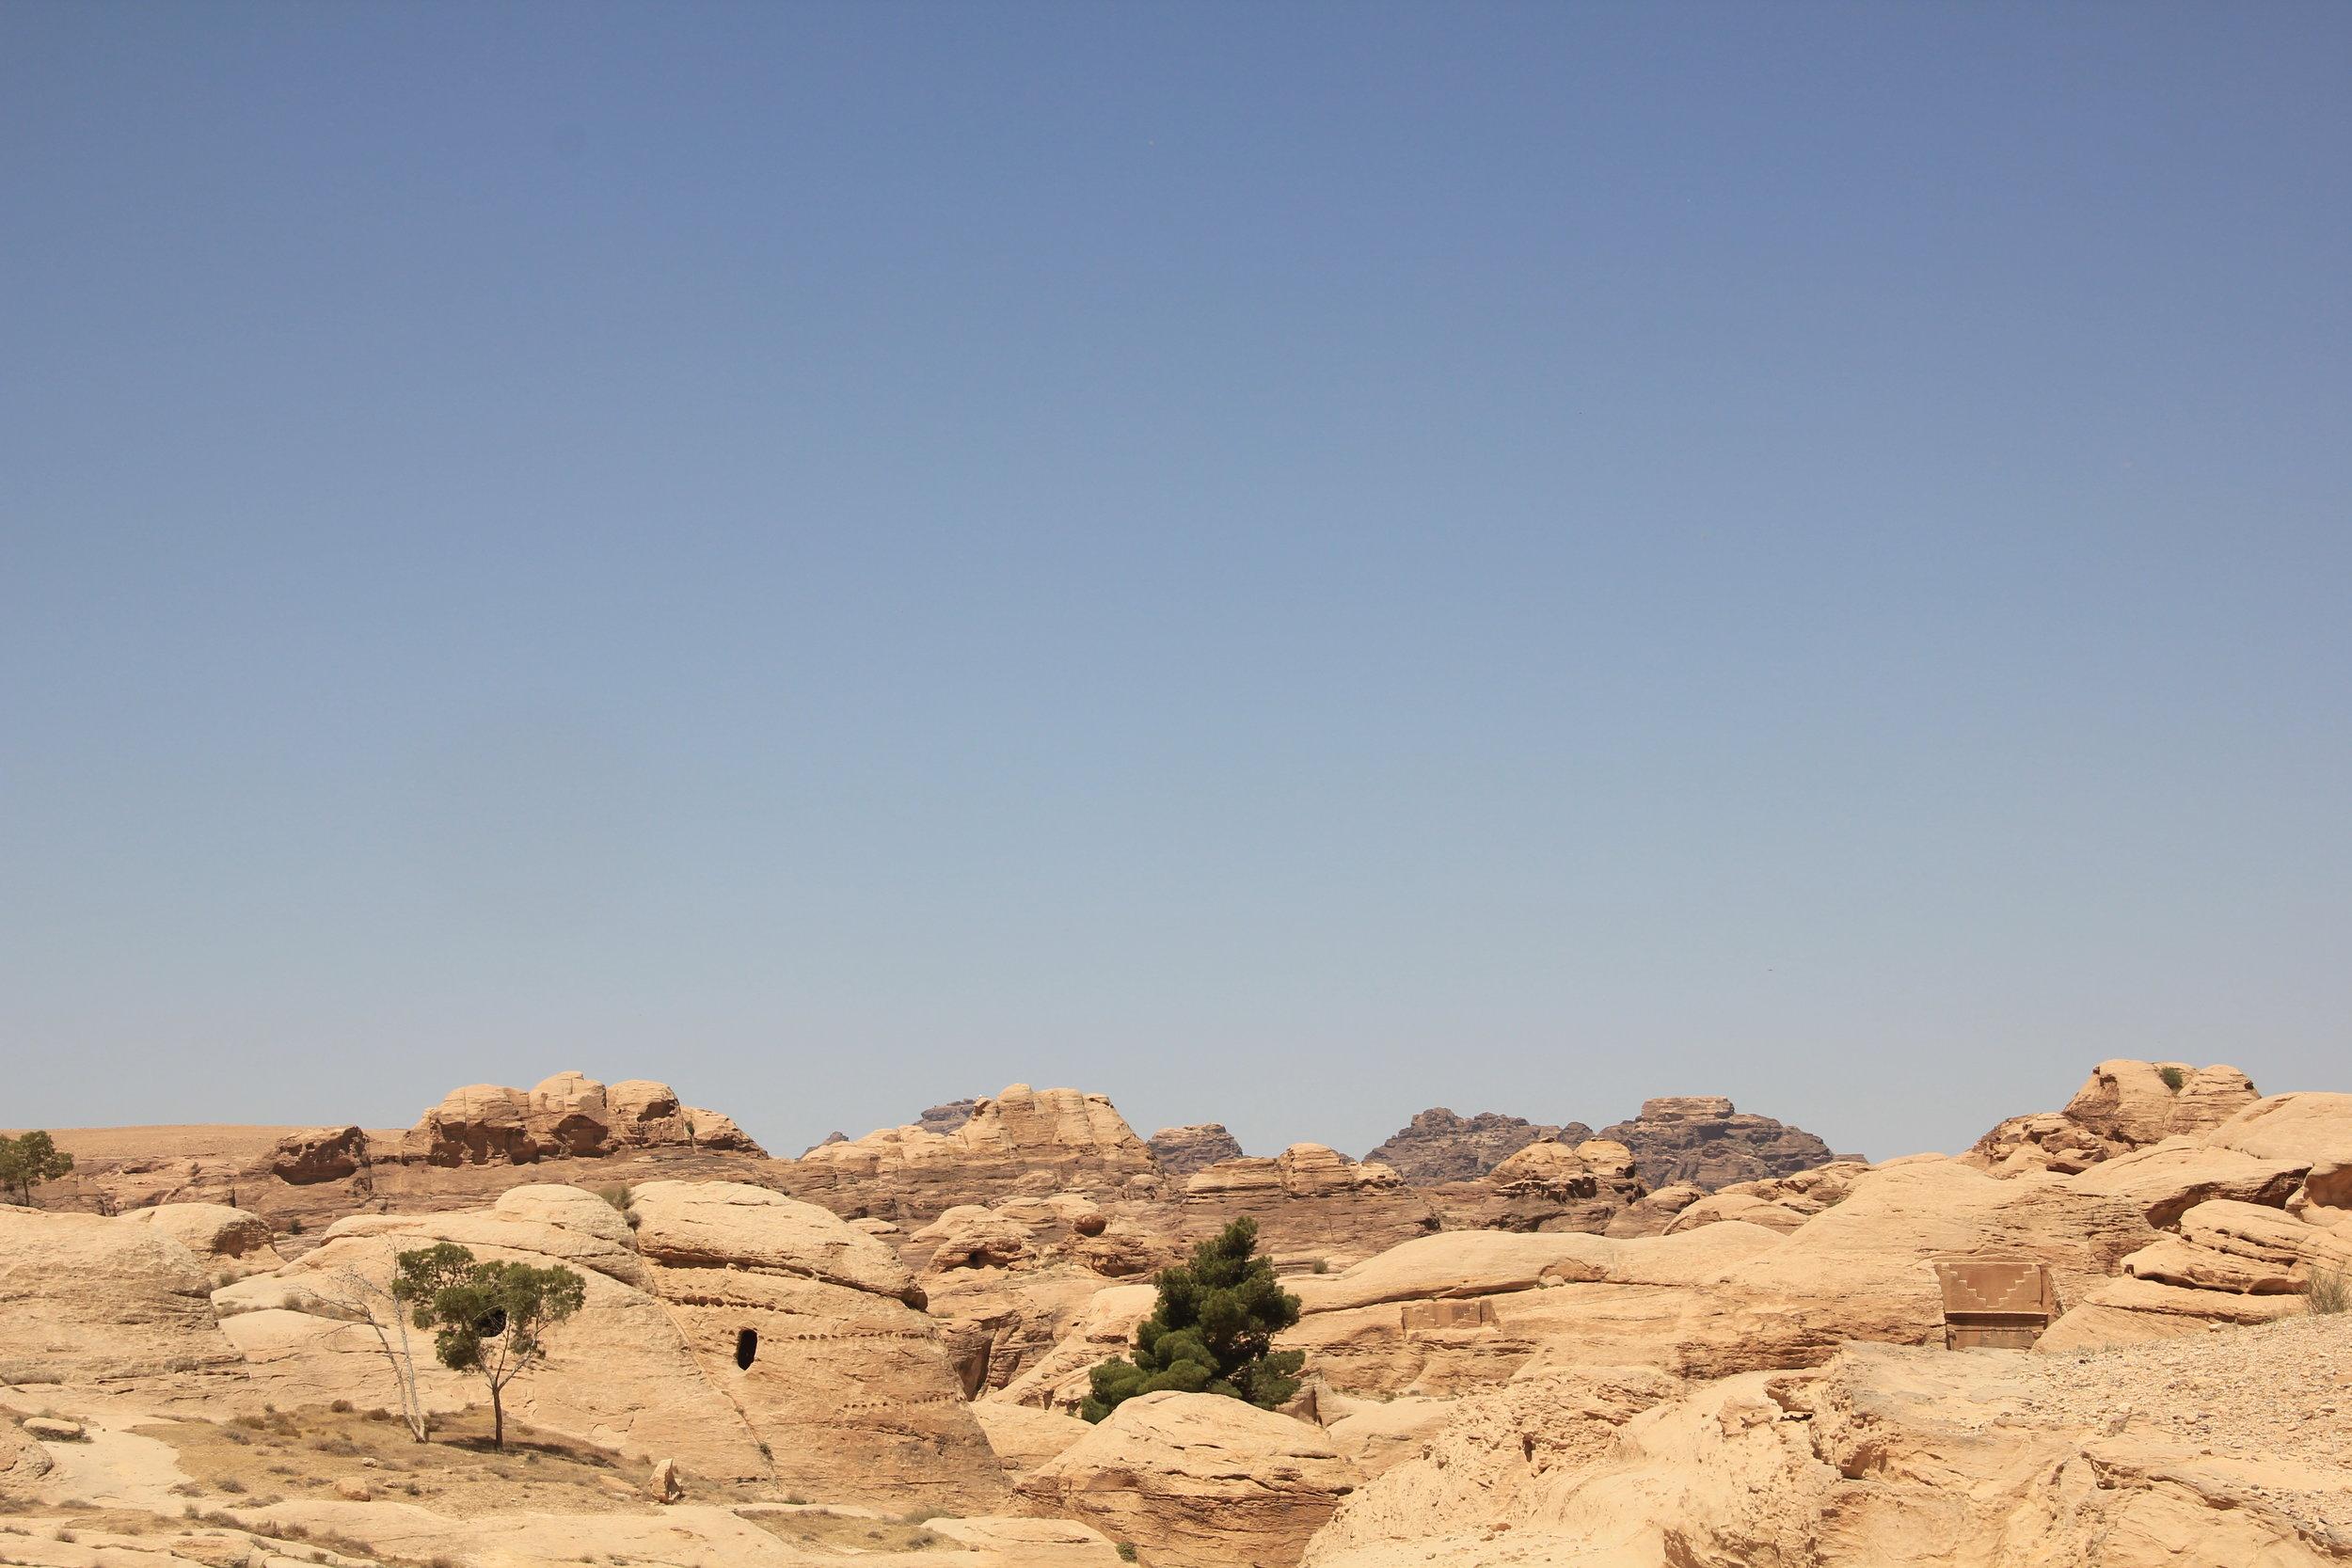 upsouth-mingmingfeng-jordan-petra-travel-01.JPG